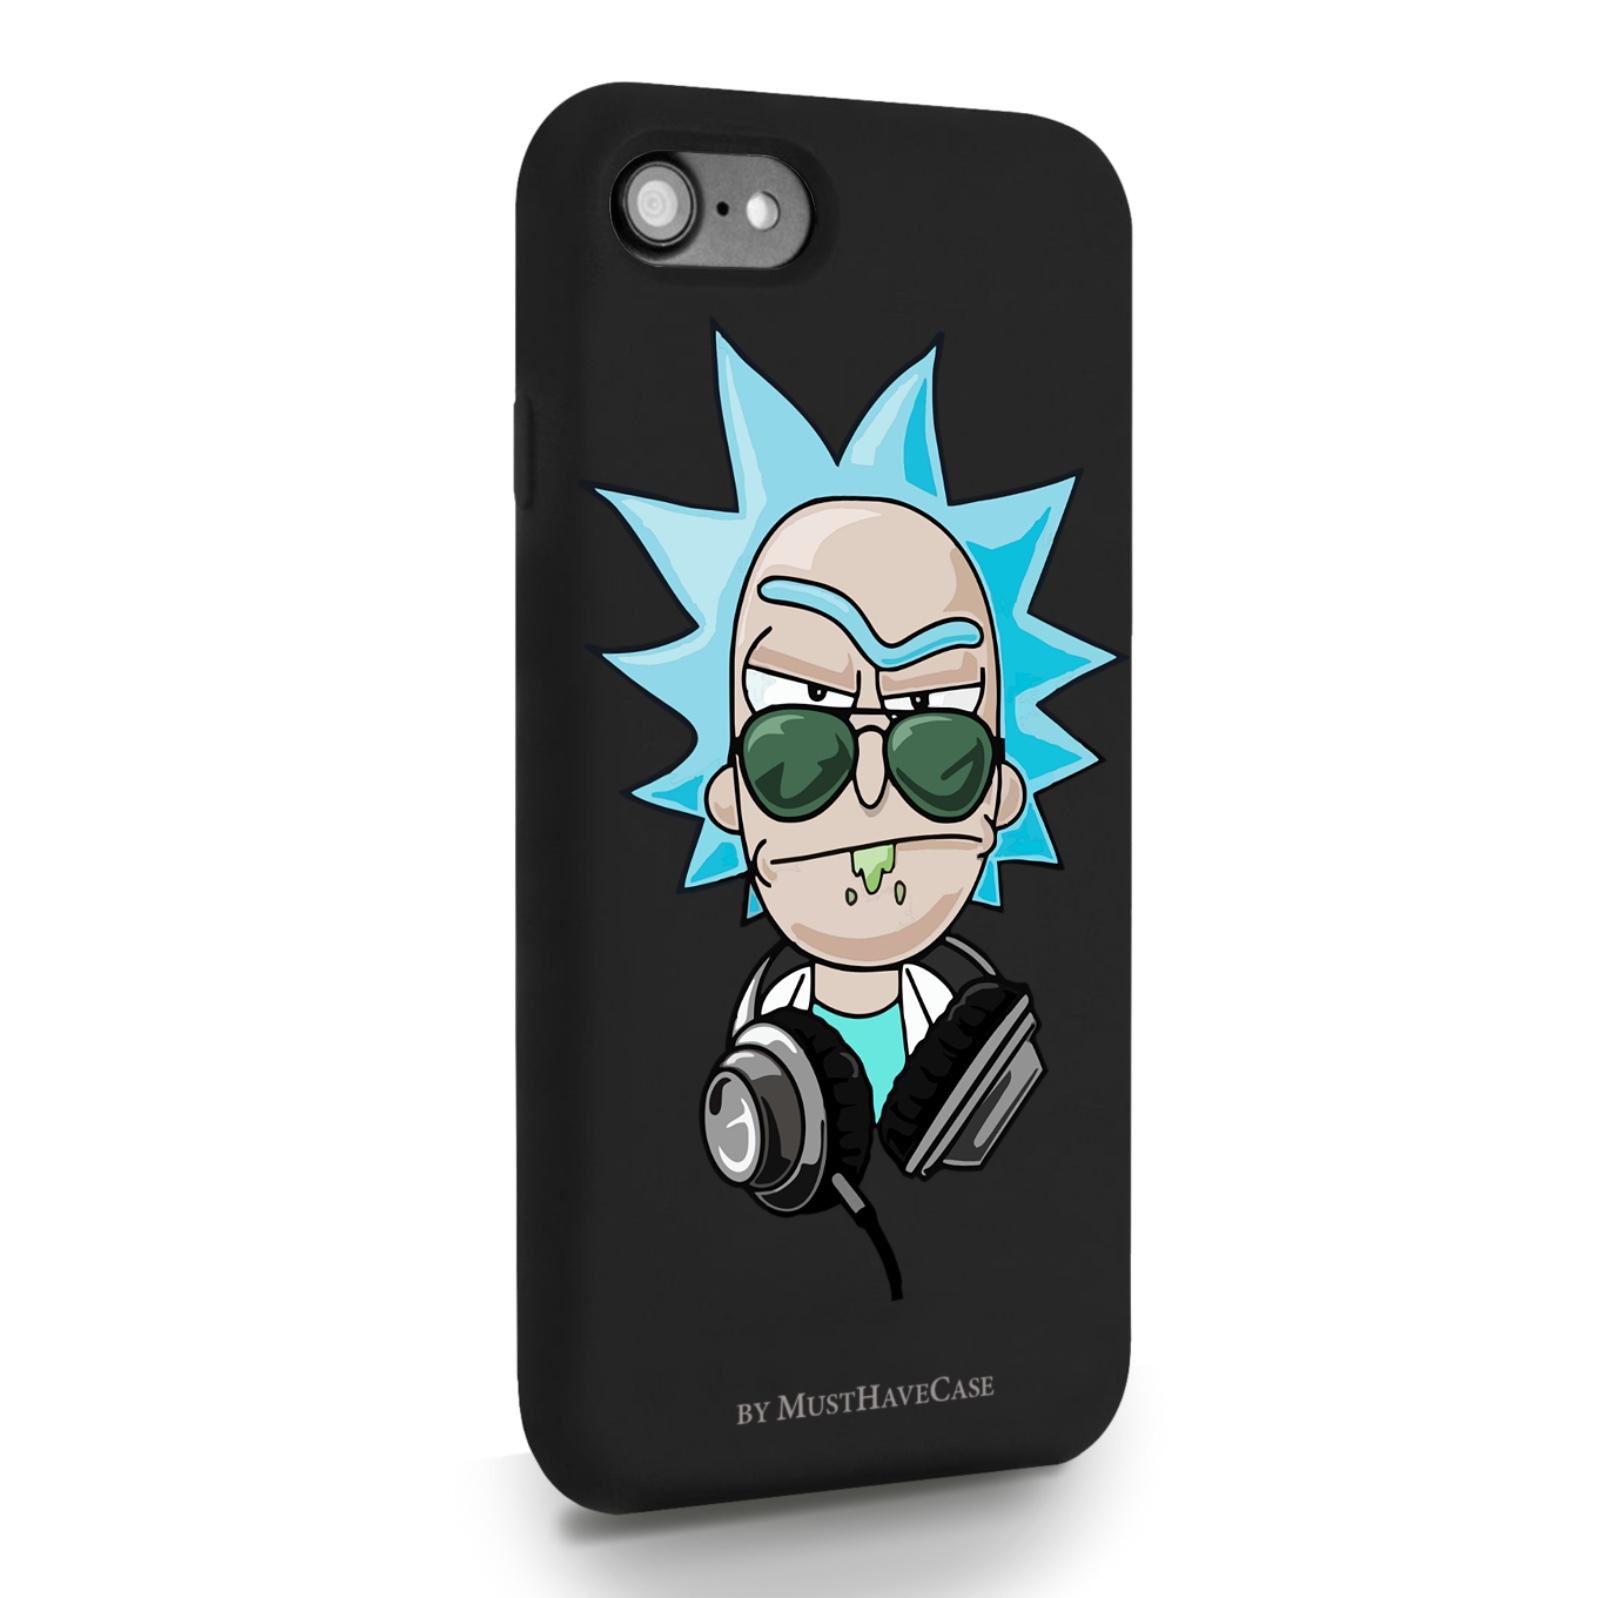 Черный силиконовый чехол для iPhone 7/8/SE2020 Rick/ Рик и морти для Айфон 7/8/СЕ2020